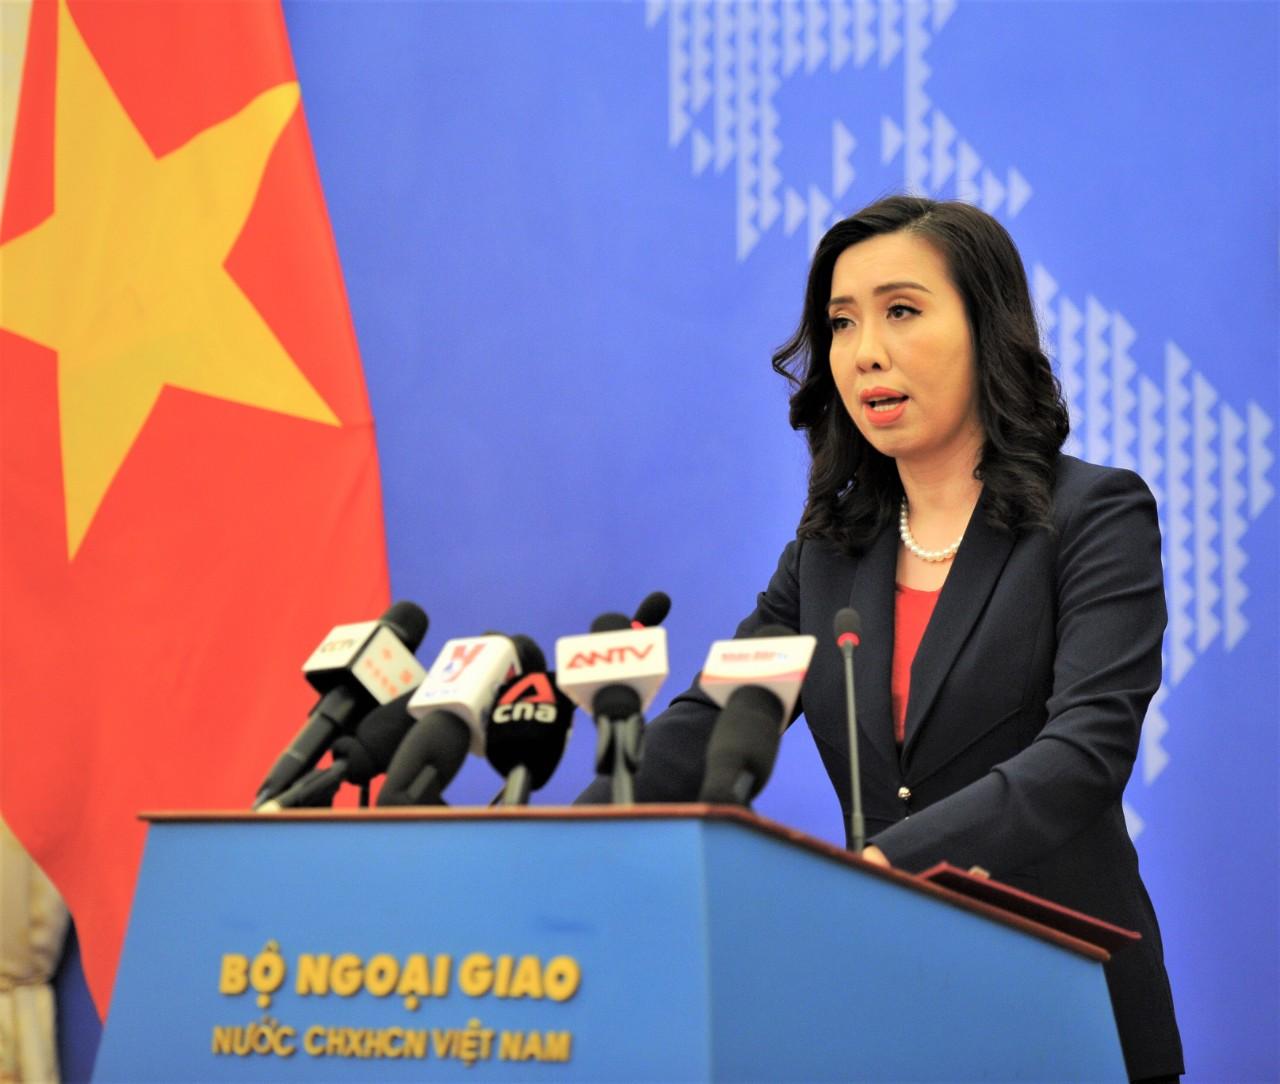 Yêu cầu các doanh nghiệp tôn trọng chủ quyền của Việt Nam